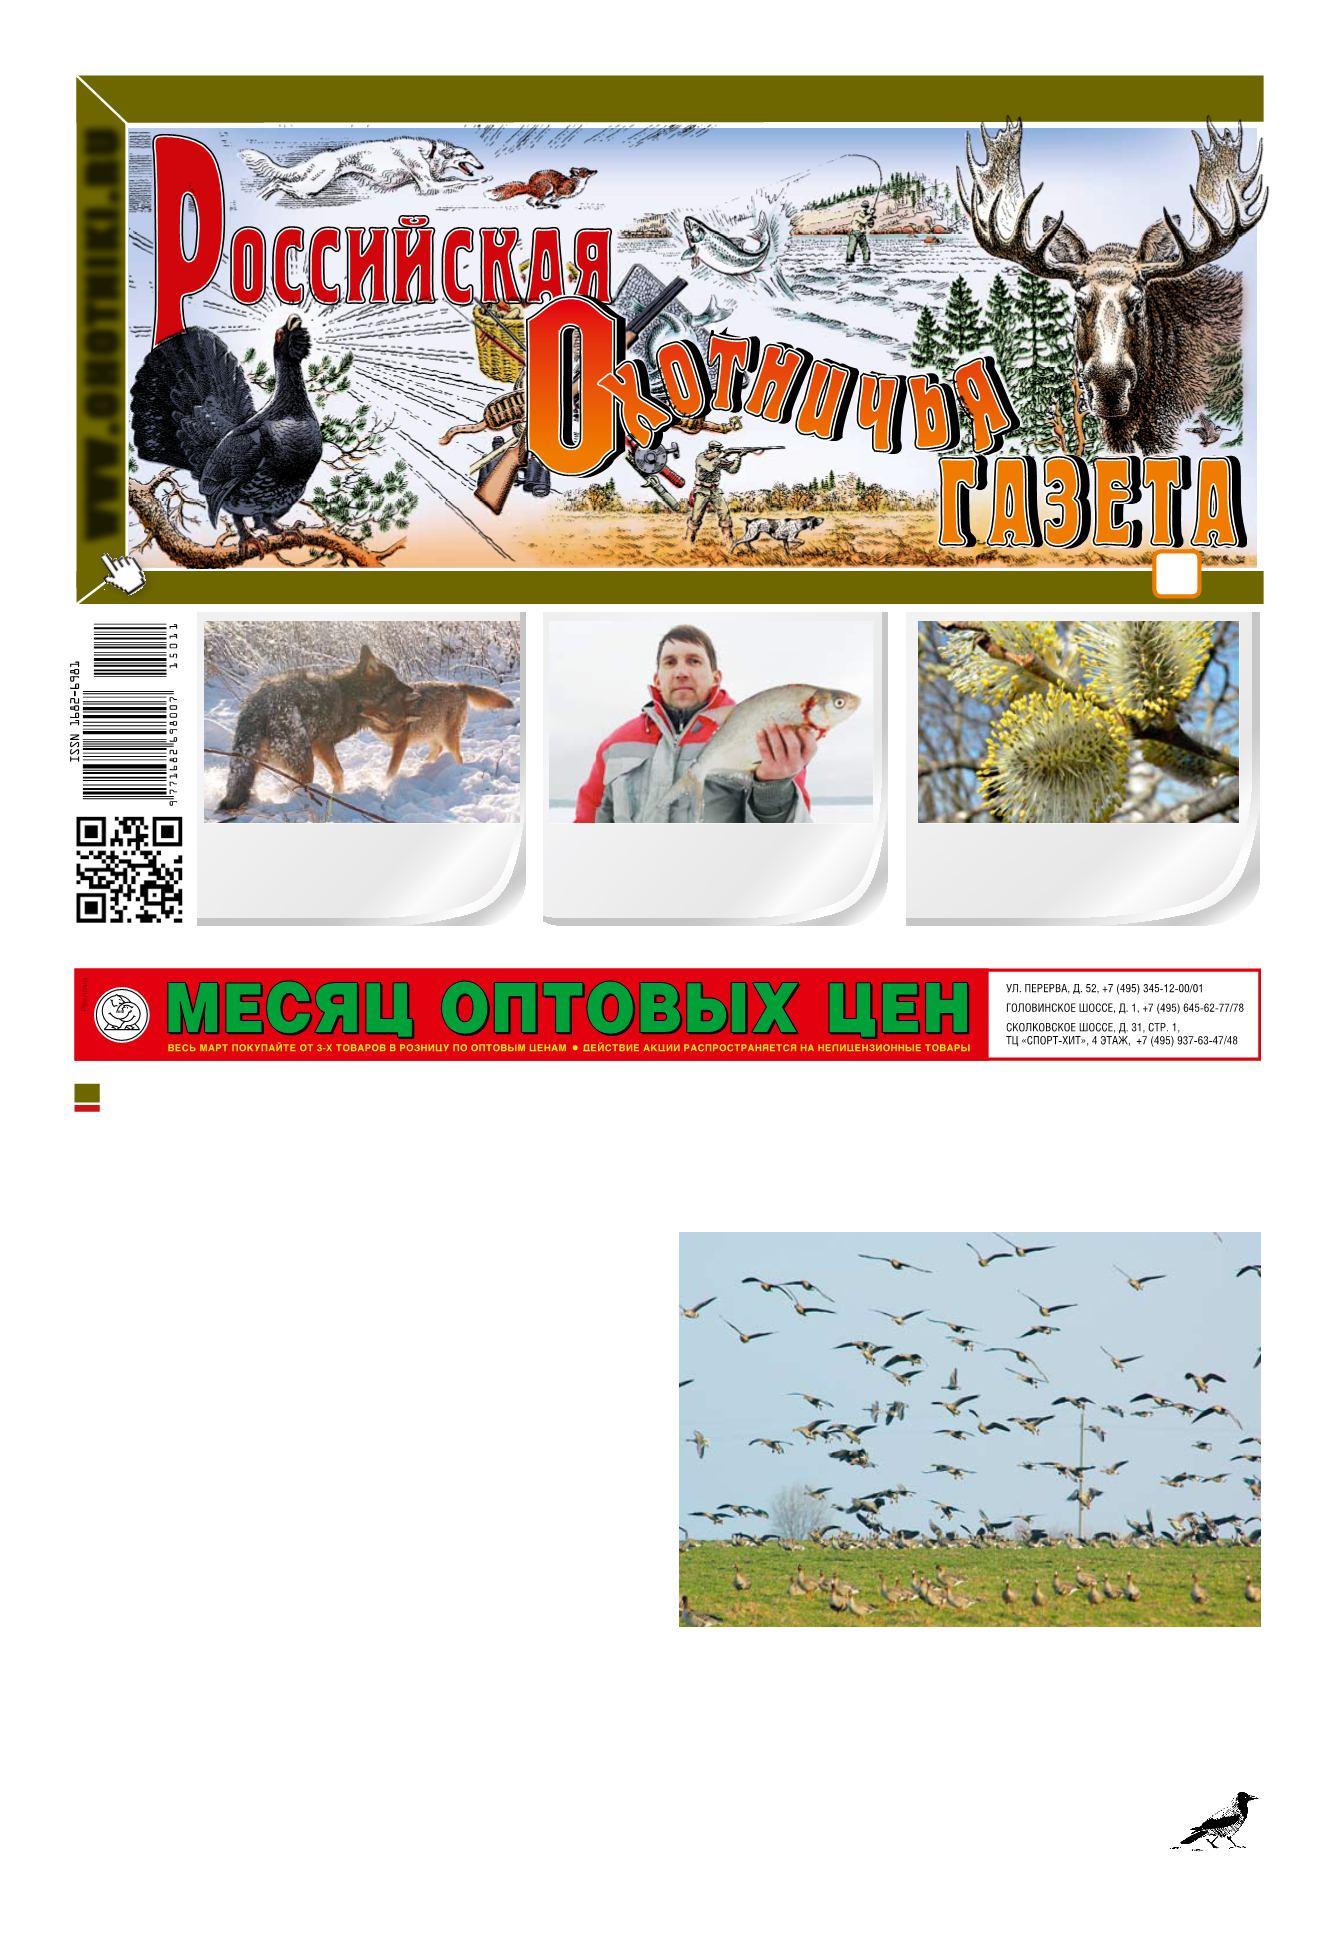 дельта волги карта для охотников и рыболовов